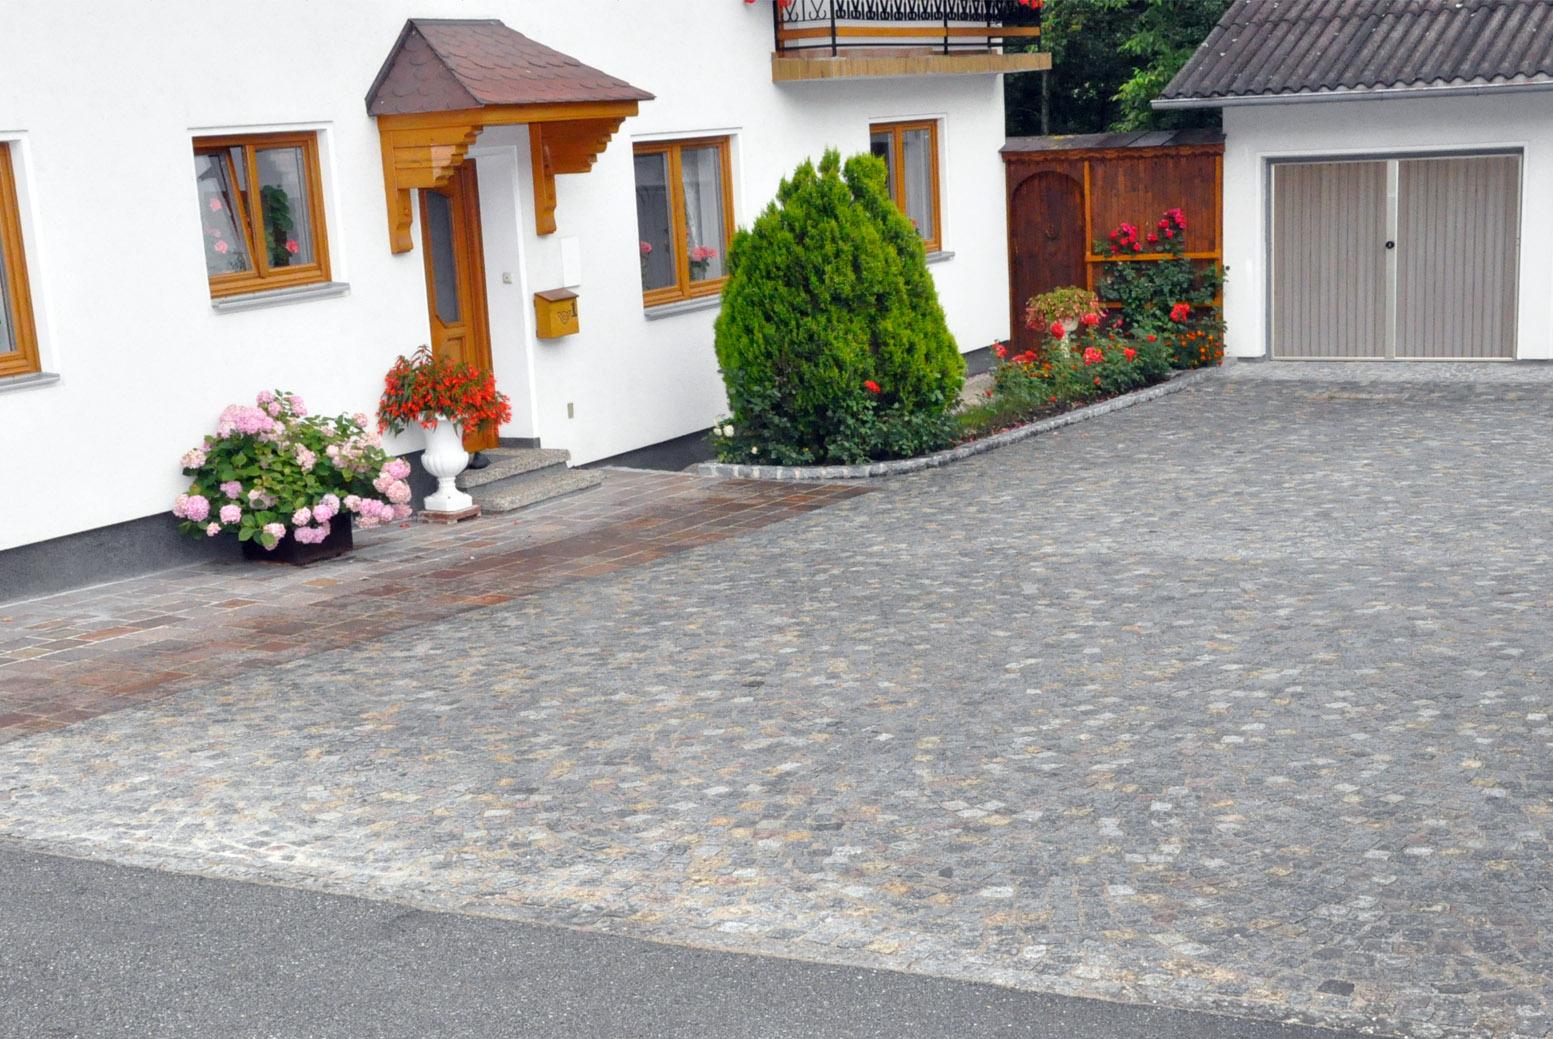 Einfahrten, Hauszufahrt, Garagenzufahrt, Hofzufahrt, Hauseinfahrt, Innviertel, Lambrechten